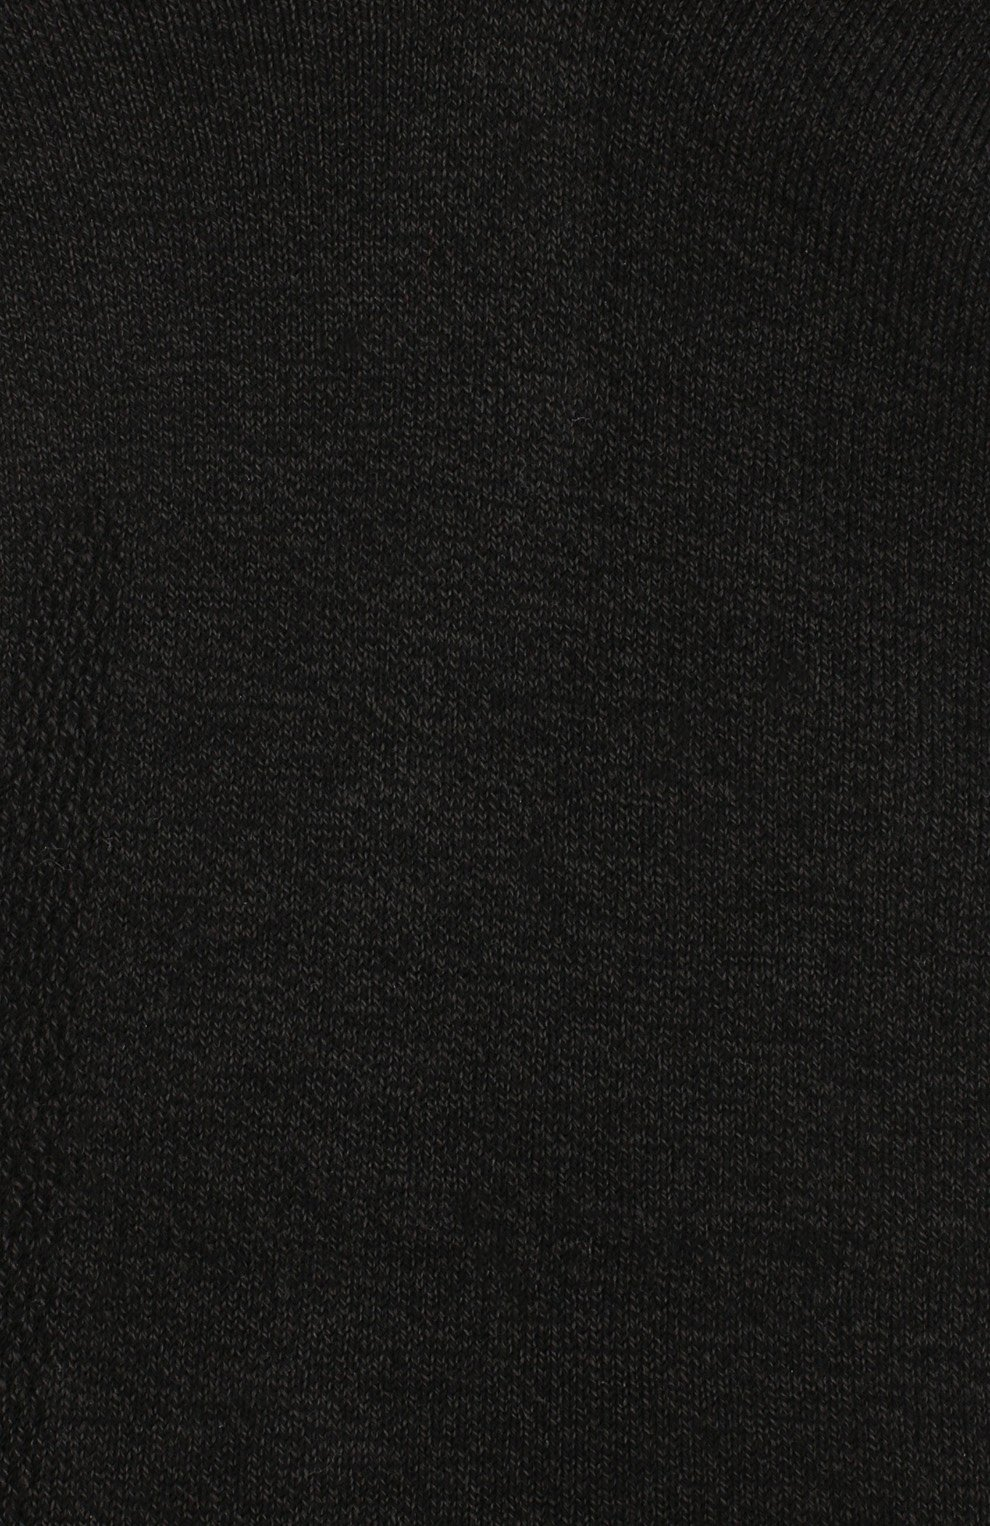 Мужские хлопковые носки cool 24/7 FALKE темно-серого цвета, арт. 13288 | Фото 2 (Кросс-КТ: бельё; Материал внешний: Хлопок)